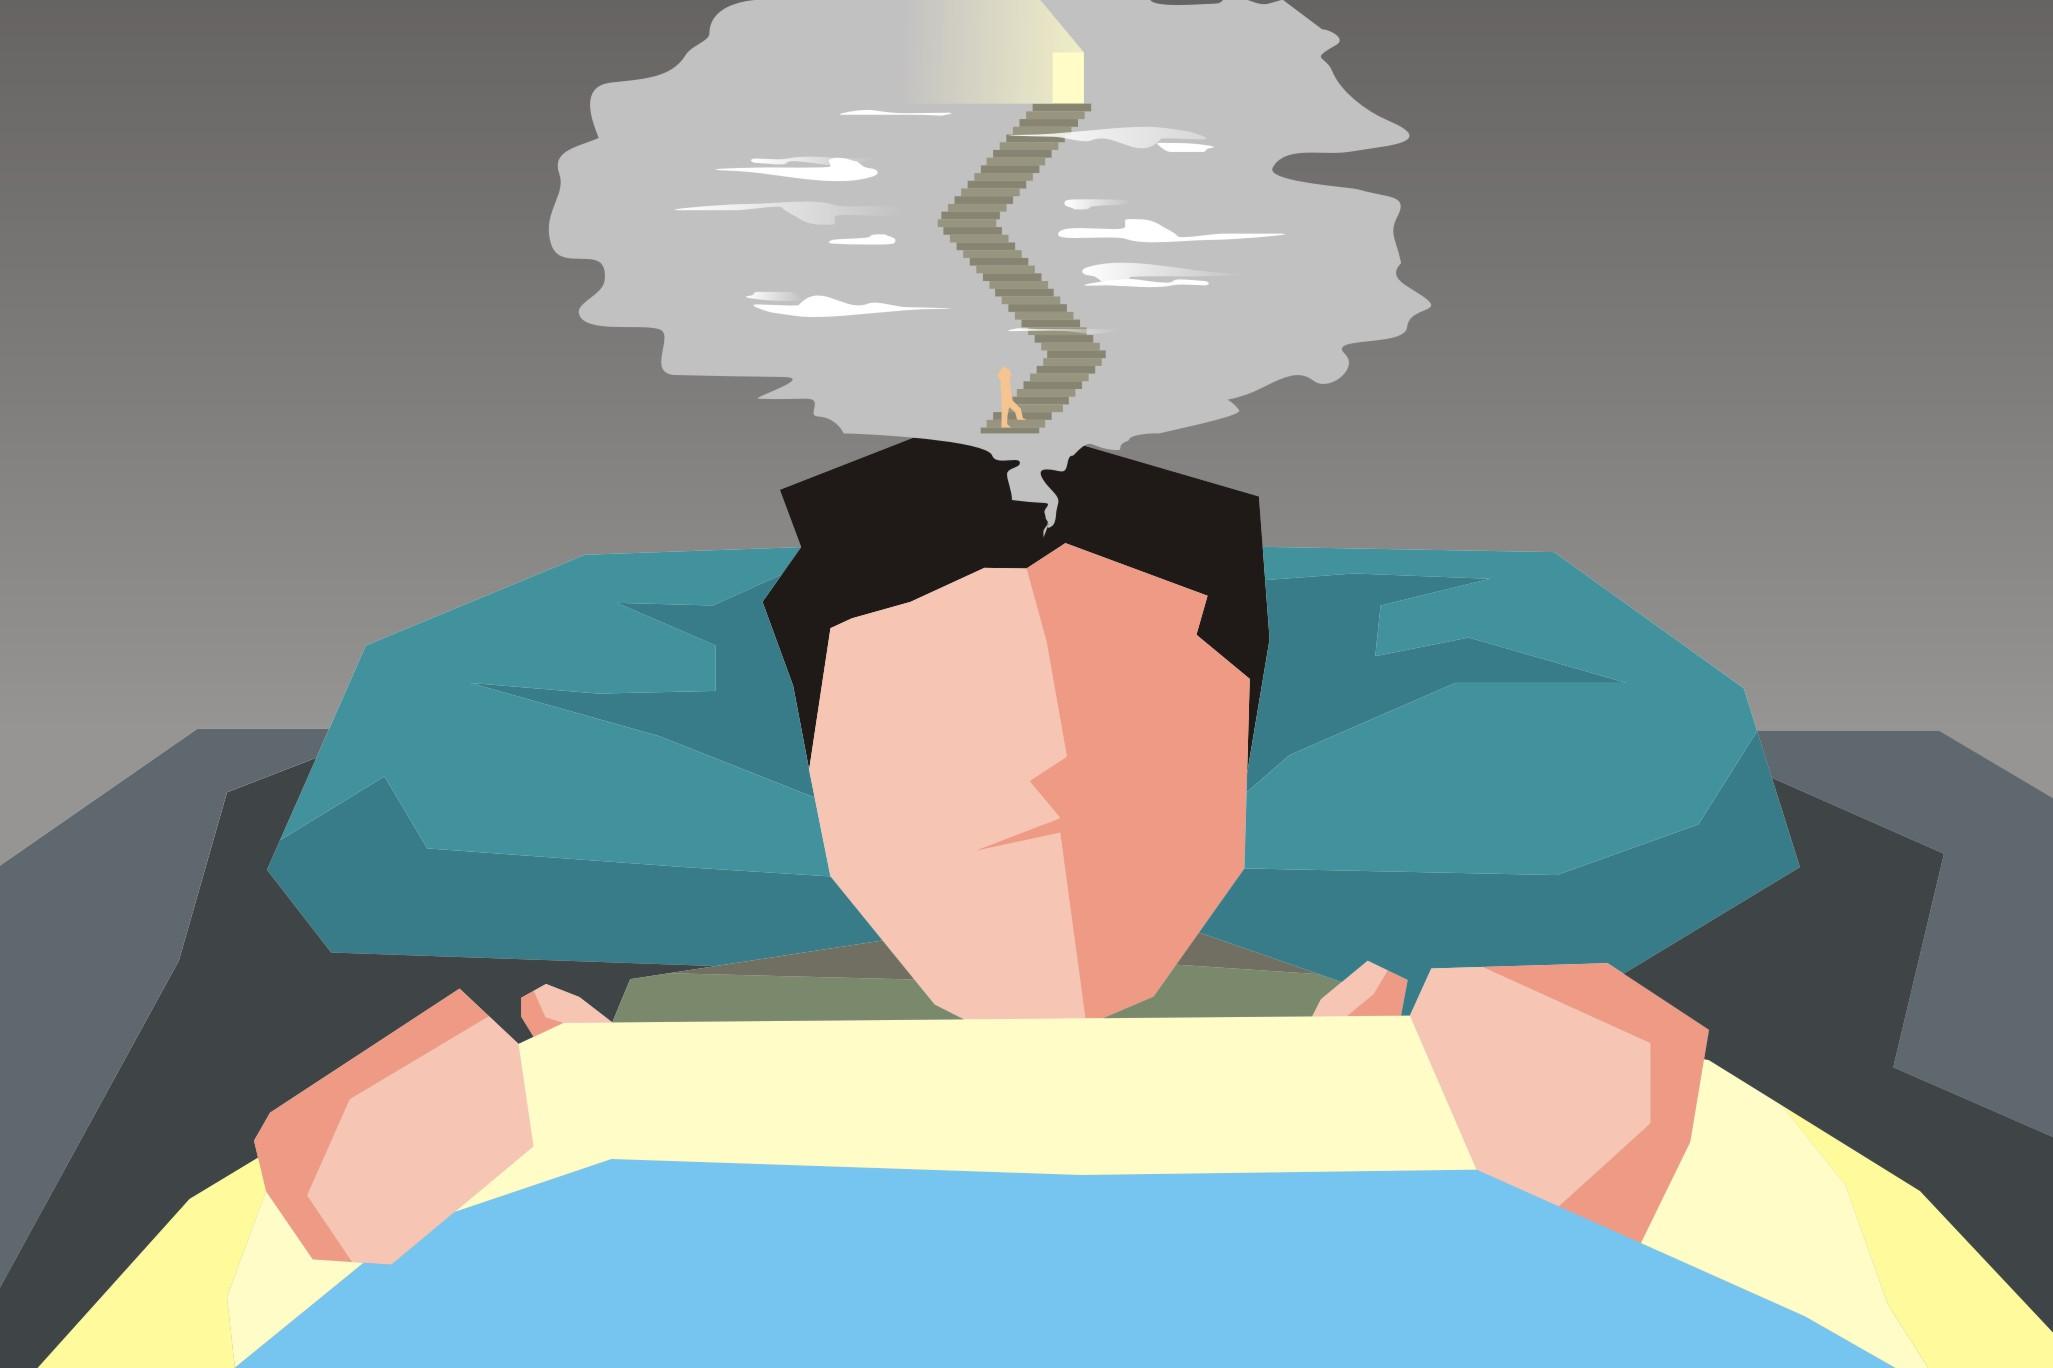 9 Penjelasan unik tentang mimpi yang pernah kamu alami selama tidur